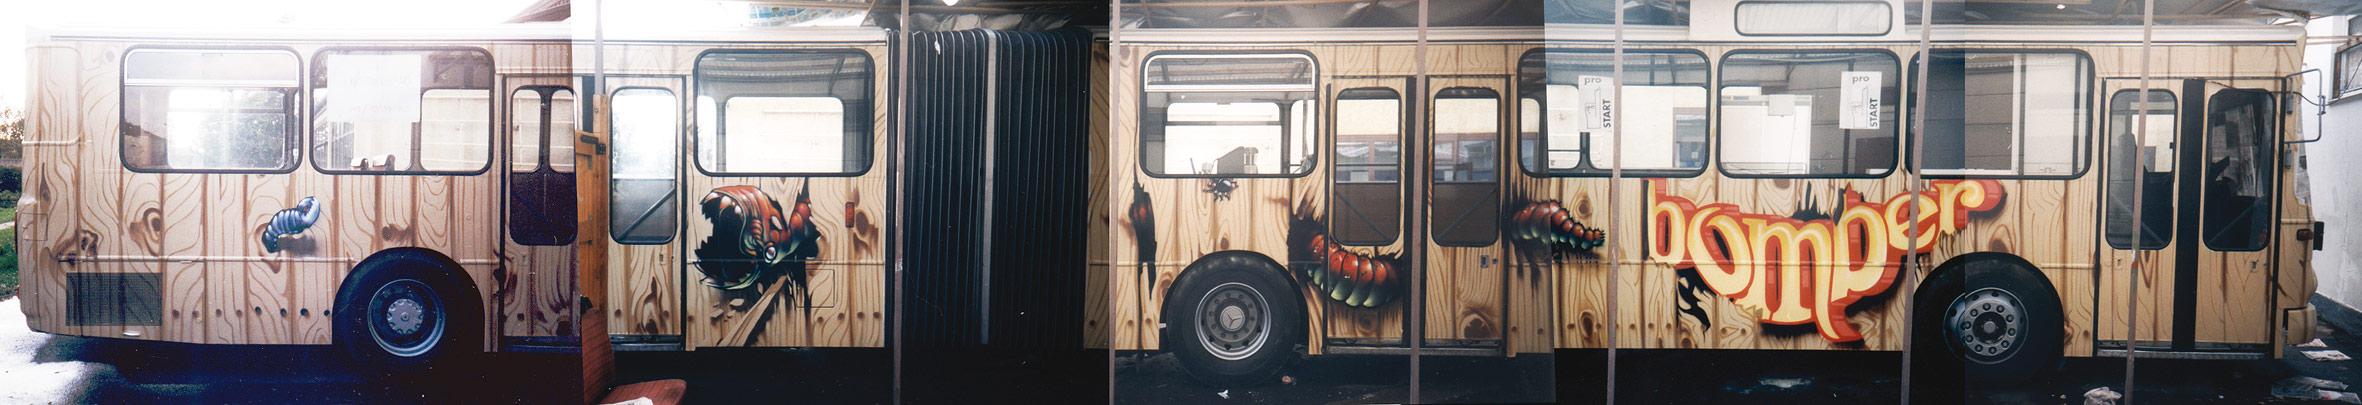 ib-bus-96-2